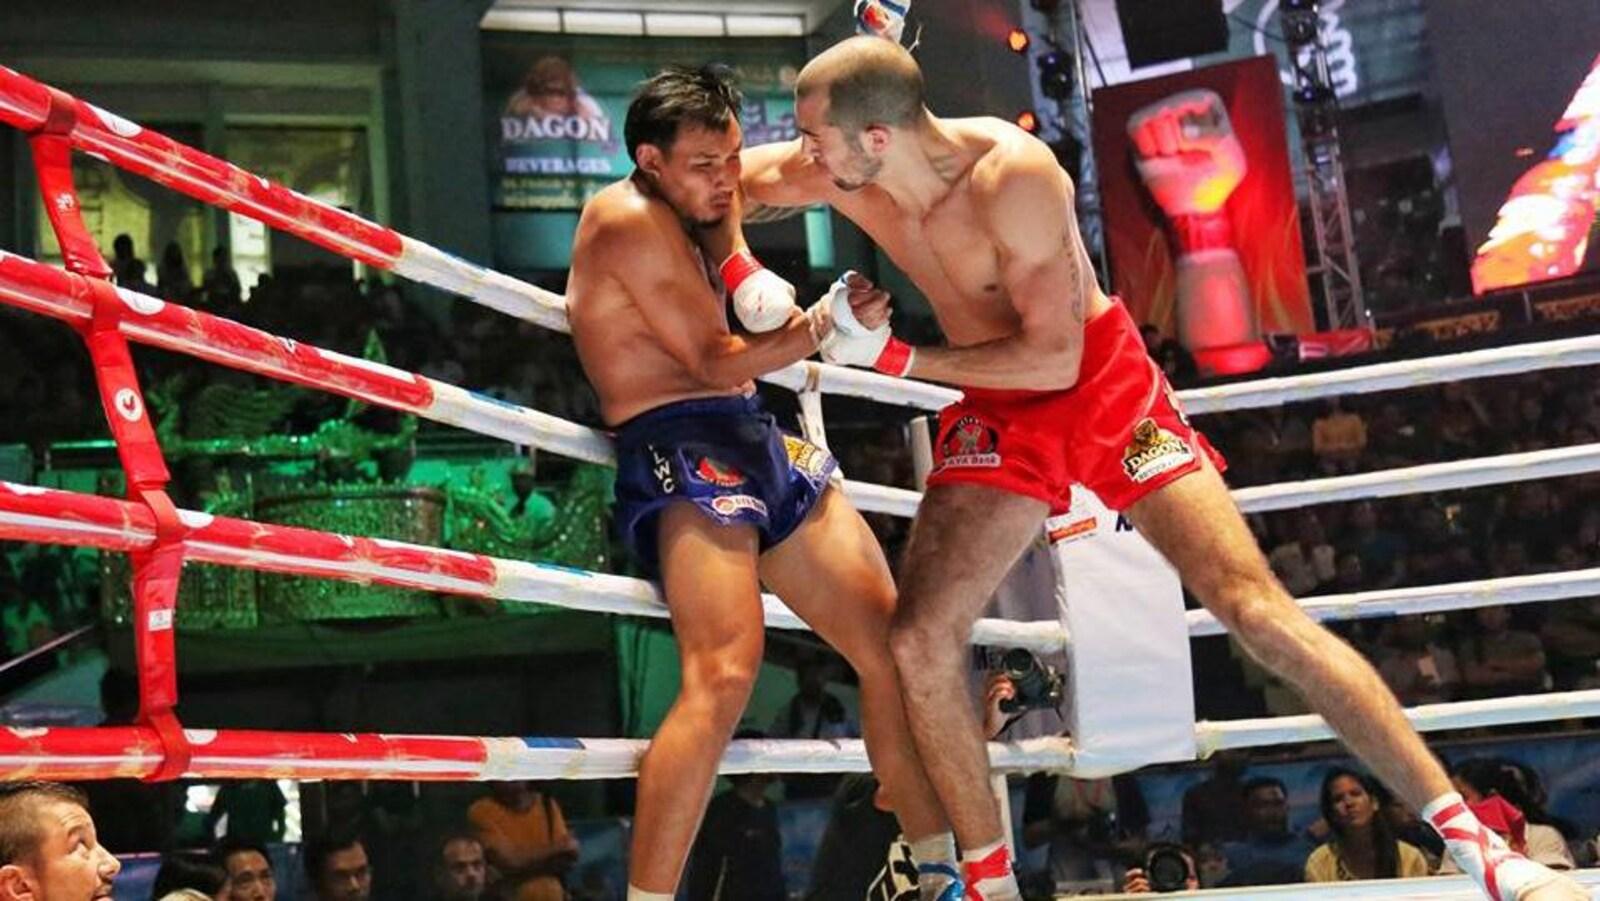 Dave Leduc applique un violent coup de coude au visage de son adversaire lors d'un combat.